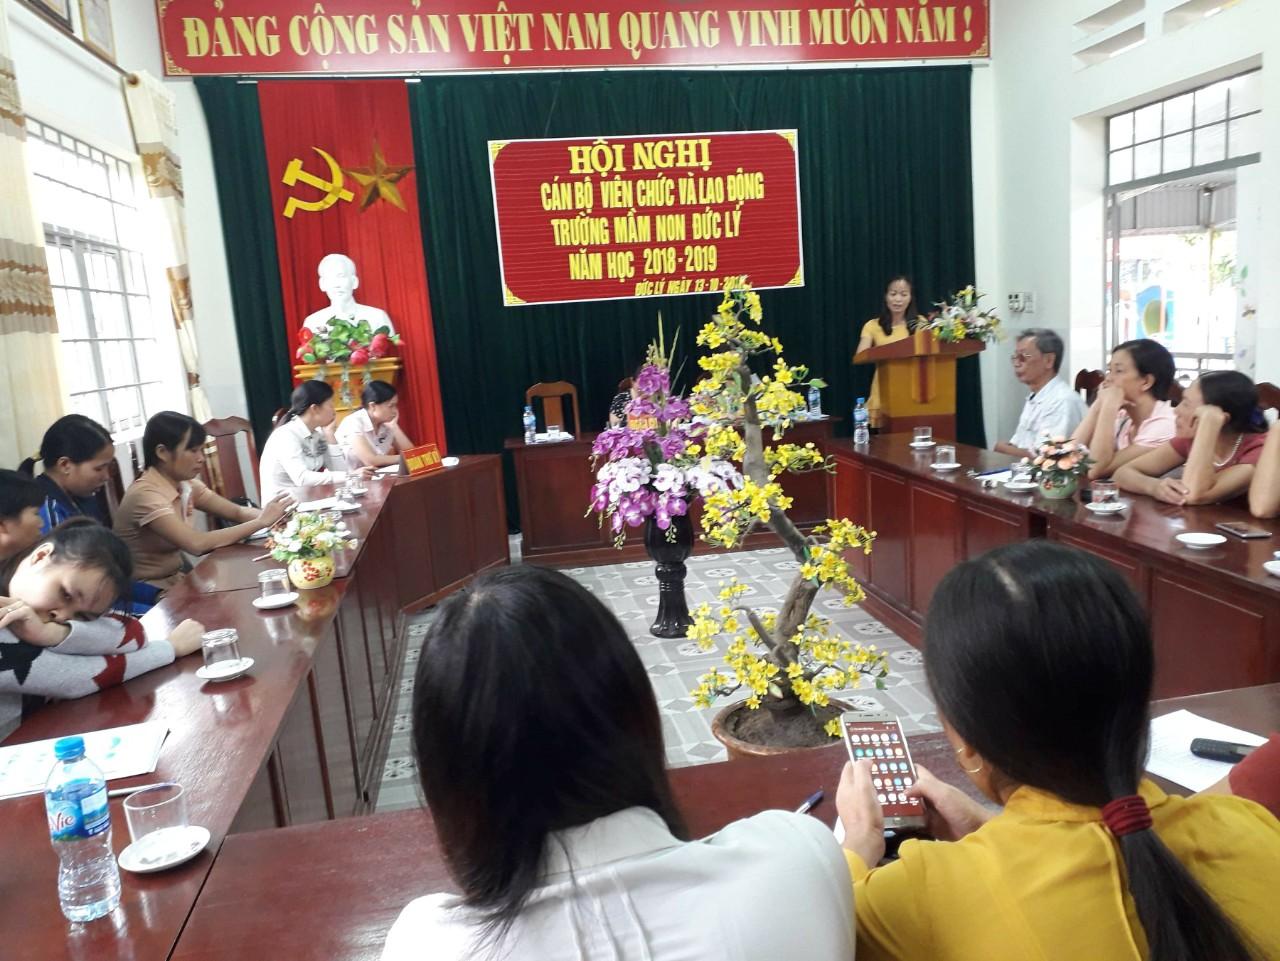 Trường Mầm non xã Đức Lý tổ chức Hội nghị cán bộ viên chức và lao động năm học 2018 - 2019